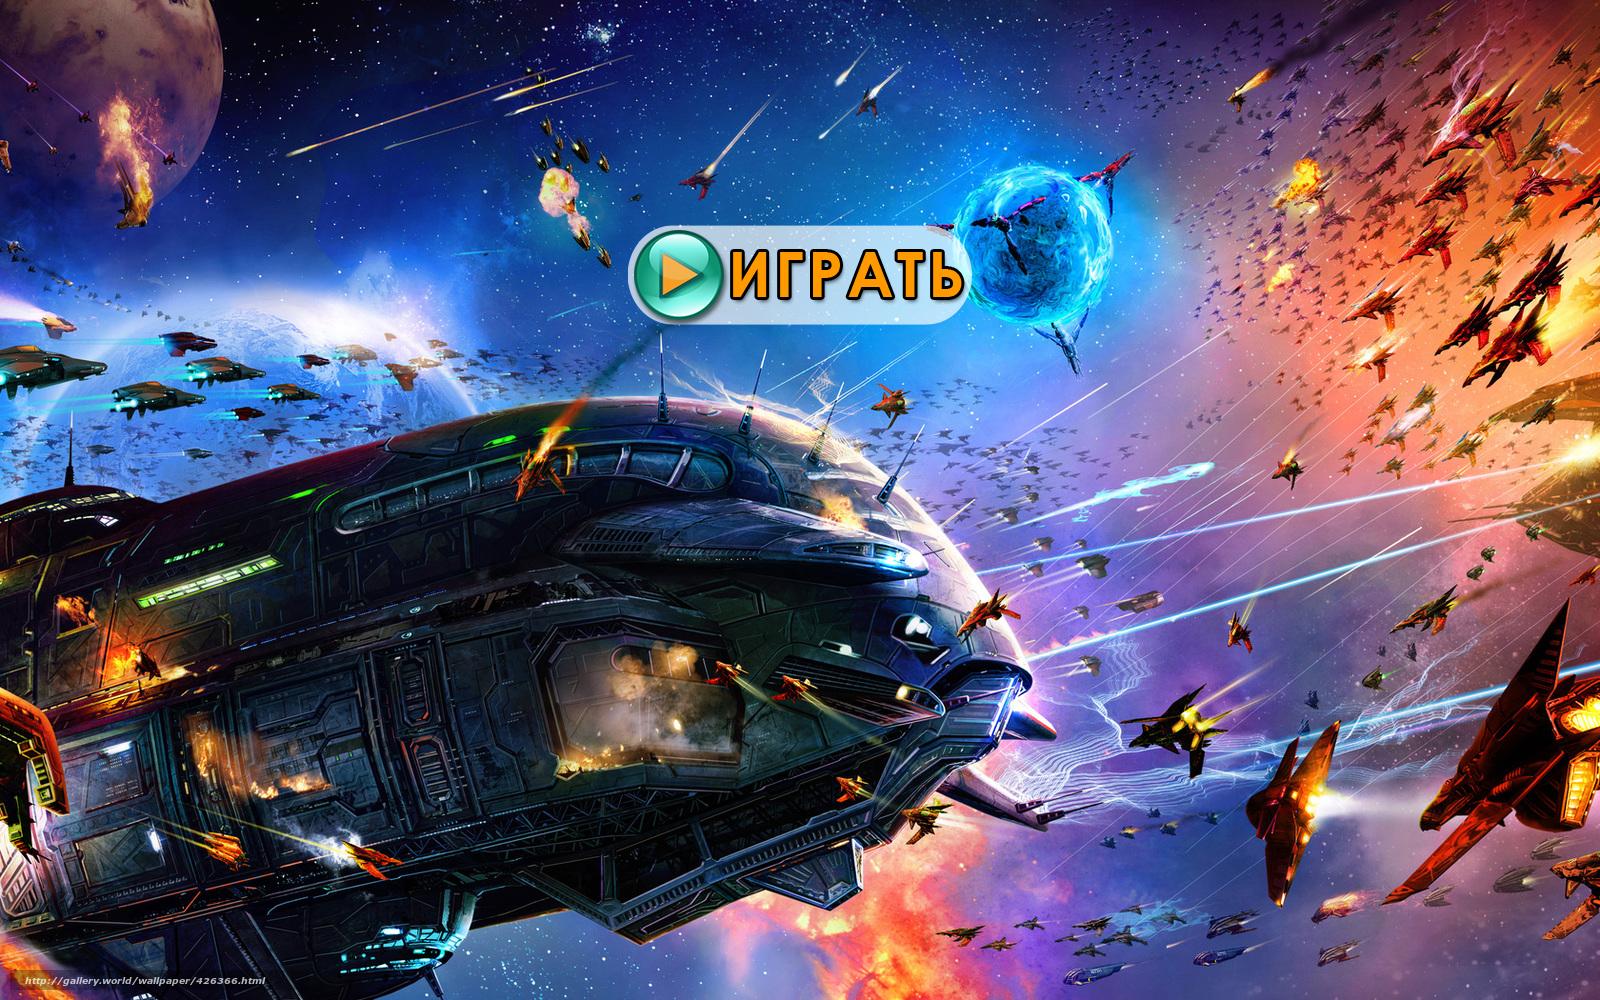 Капитан Бездны-24 - новый текстовый квест от Вельх. Играть онлайн.